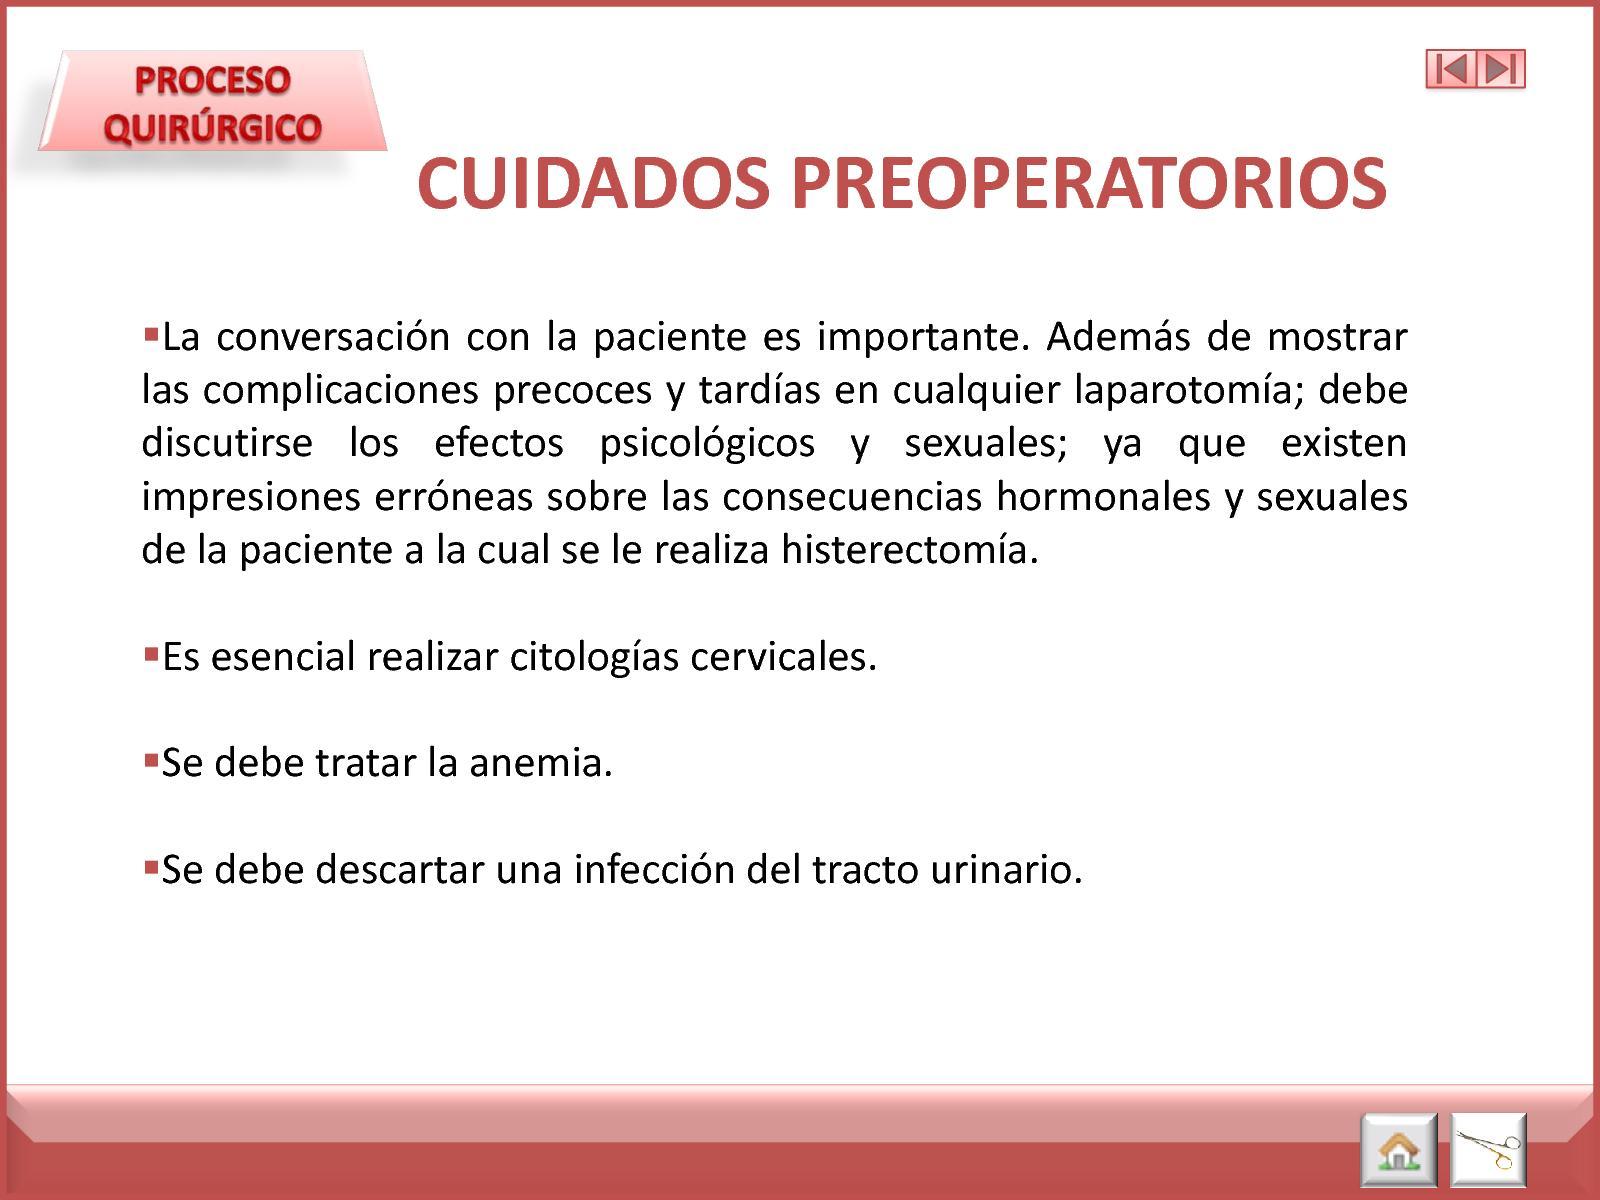 Histerectomia cuidados pre operatorios